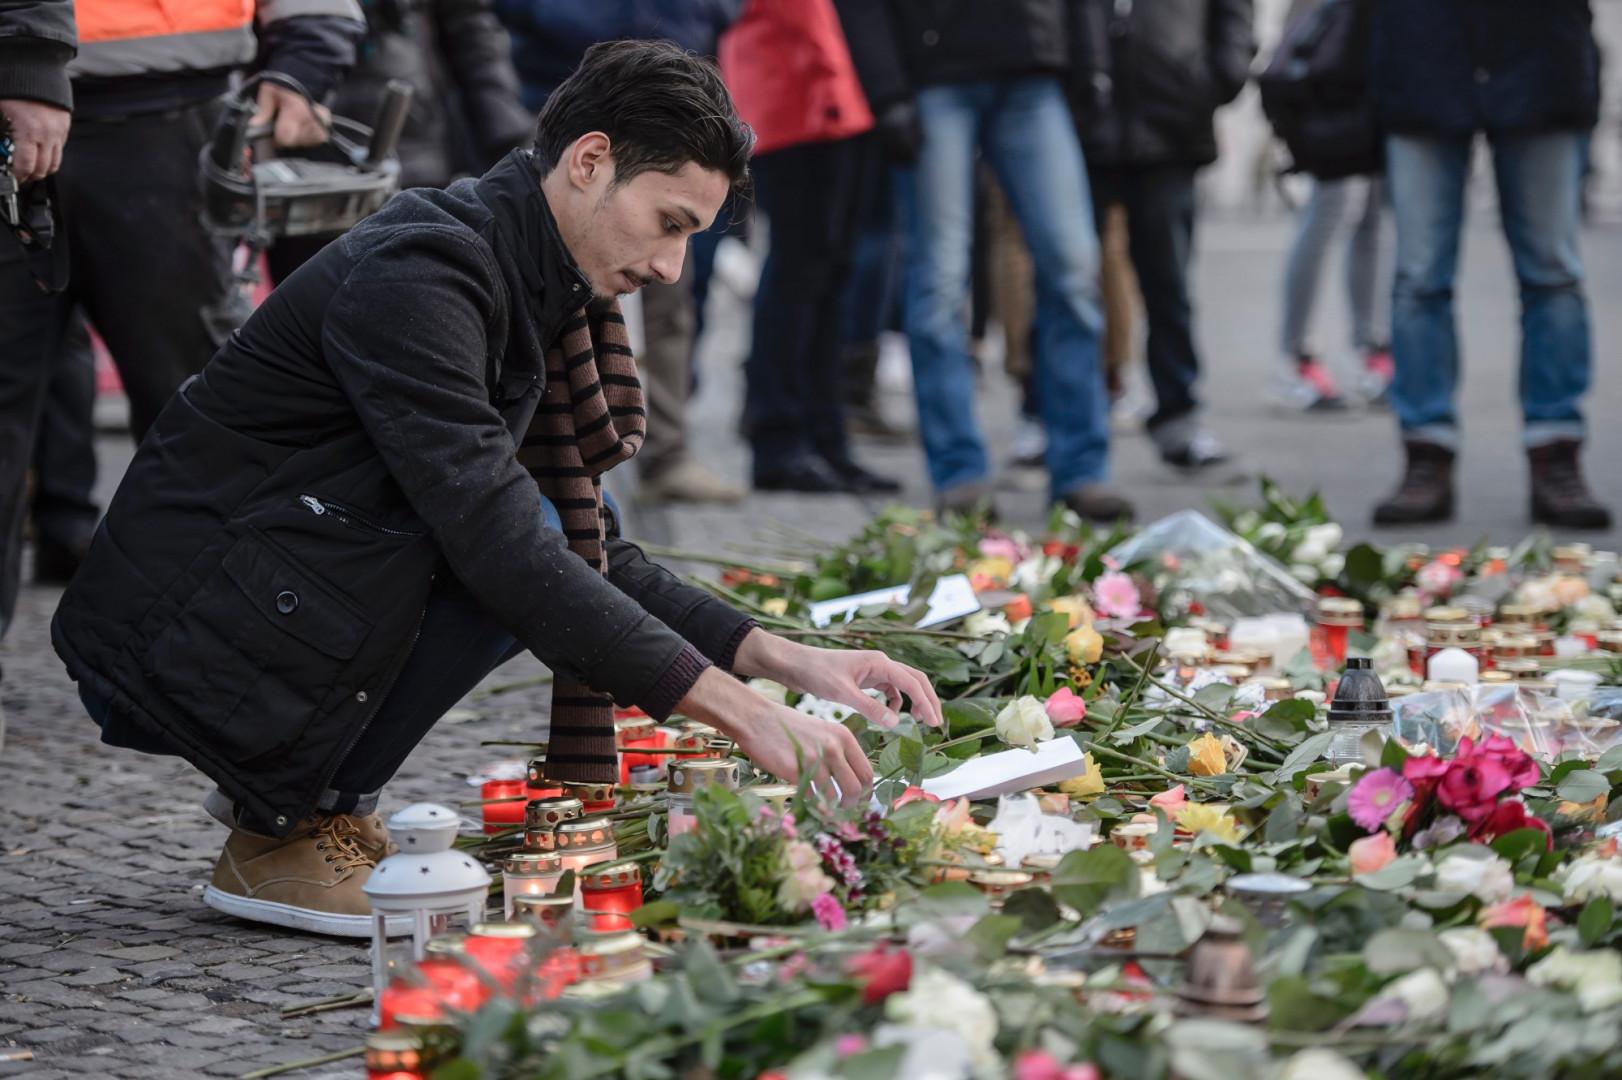 Un réfugié irakien dépose des fleurs devant le mémorial en hommage aux victimes de l'attentat de Berlin, le 19 décembre.